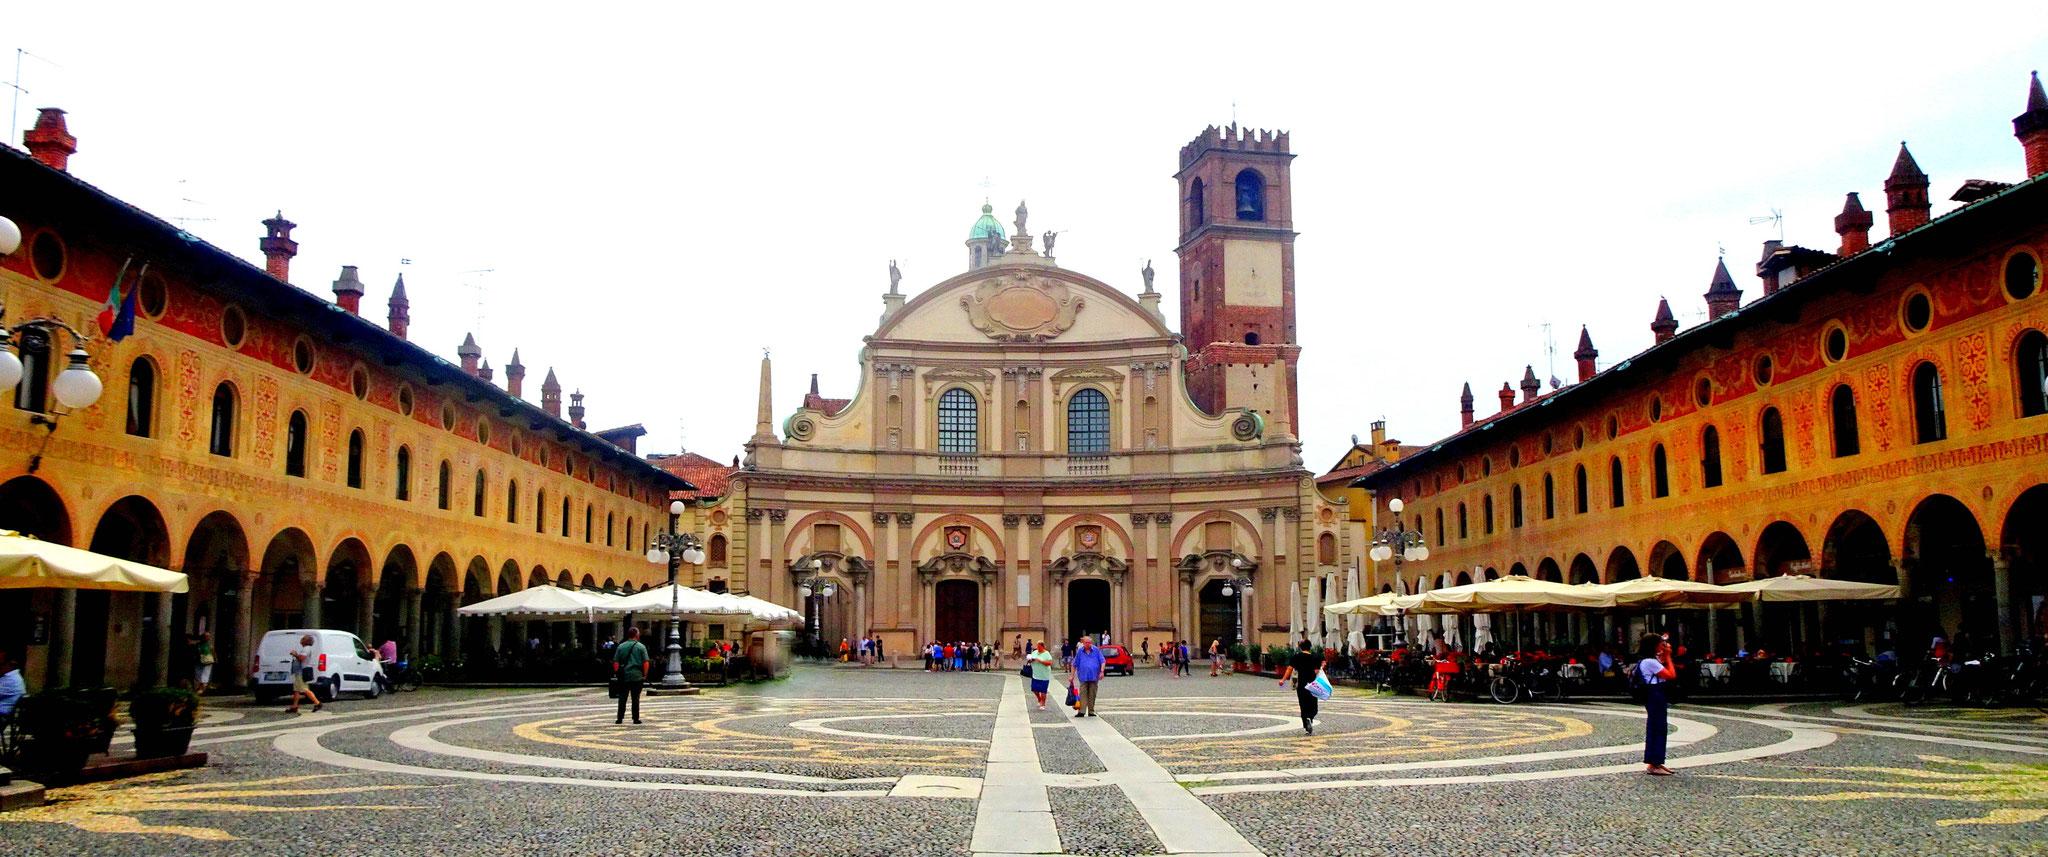 Cathédrale de Vigevano au fond de la Place Ducale